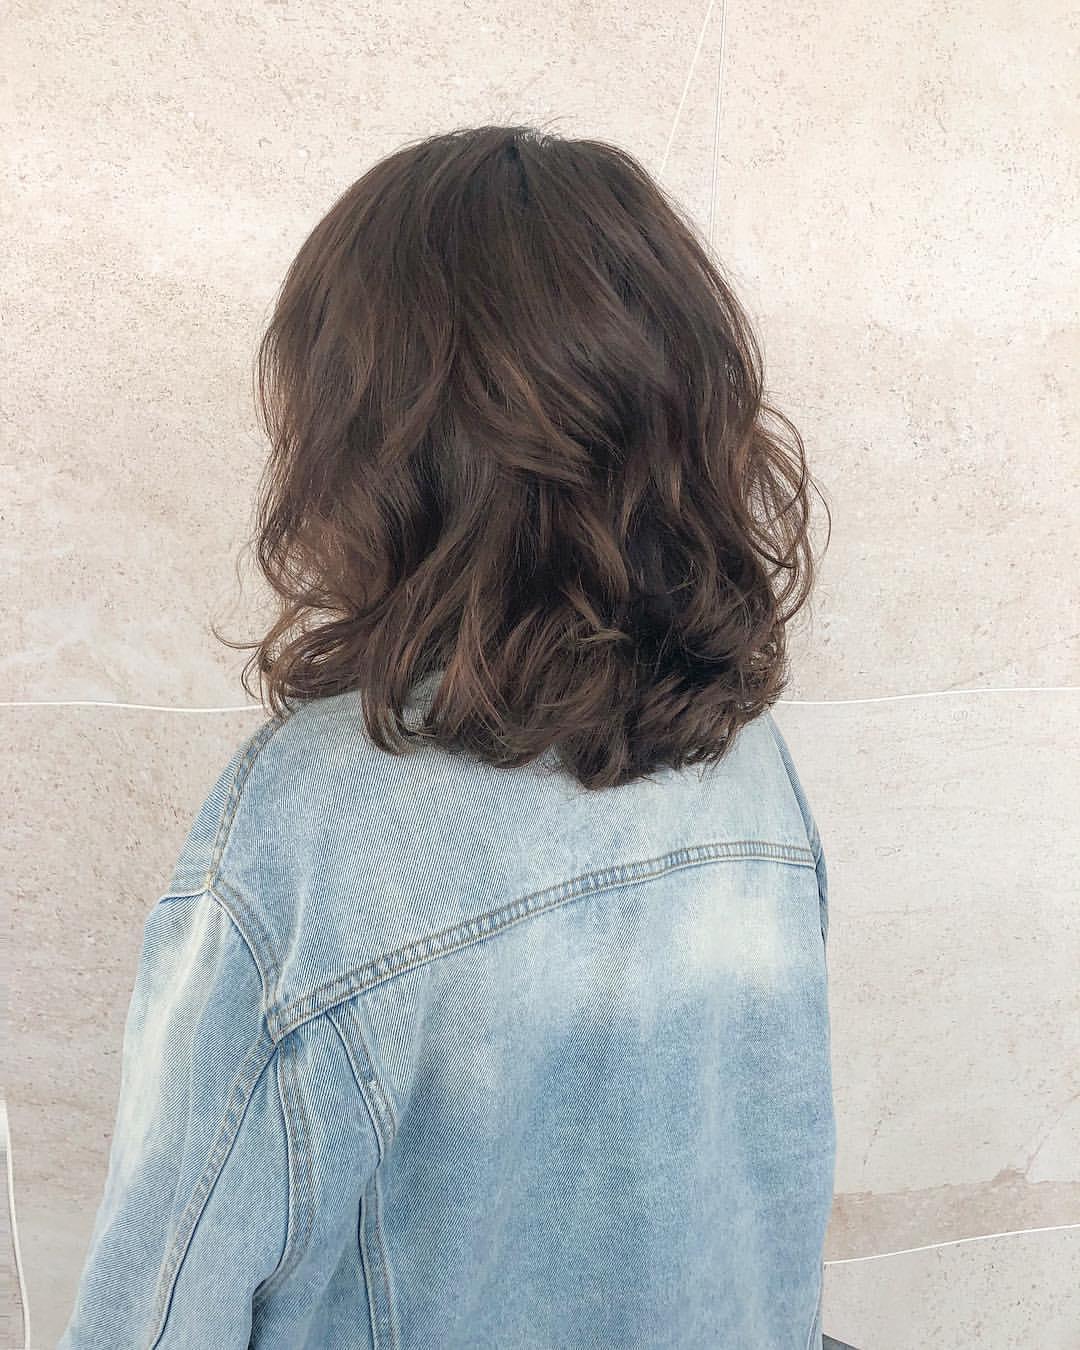 梳短发的妹子们,今年就不要让头发全部顺直了,因为短直发看起来太过